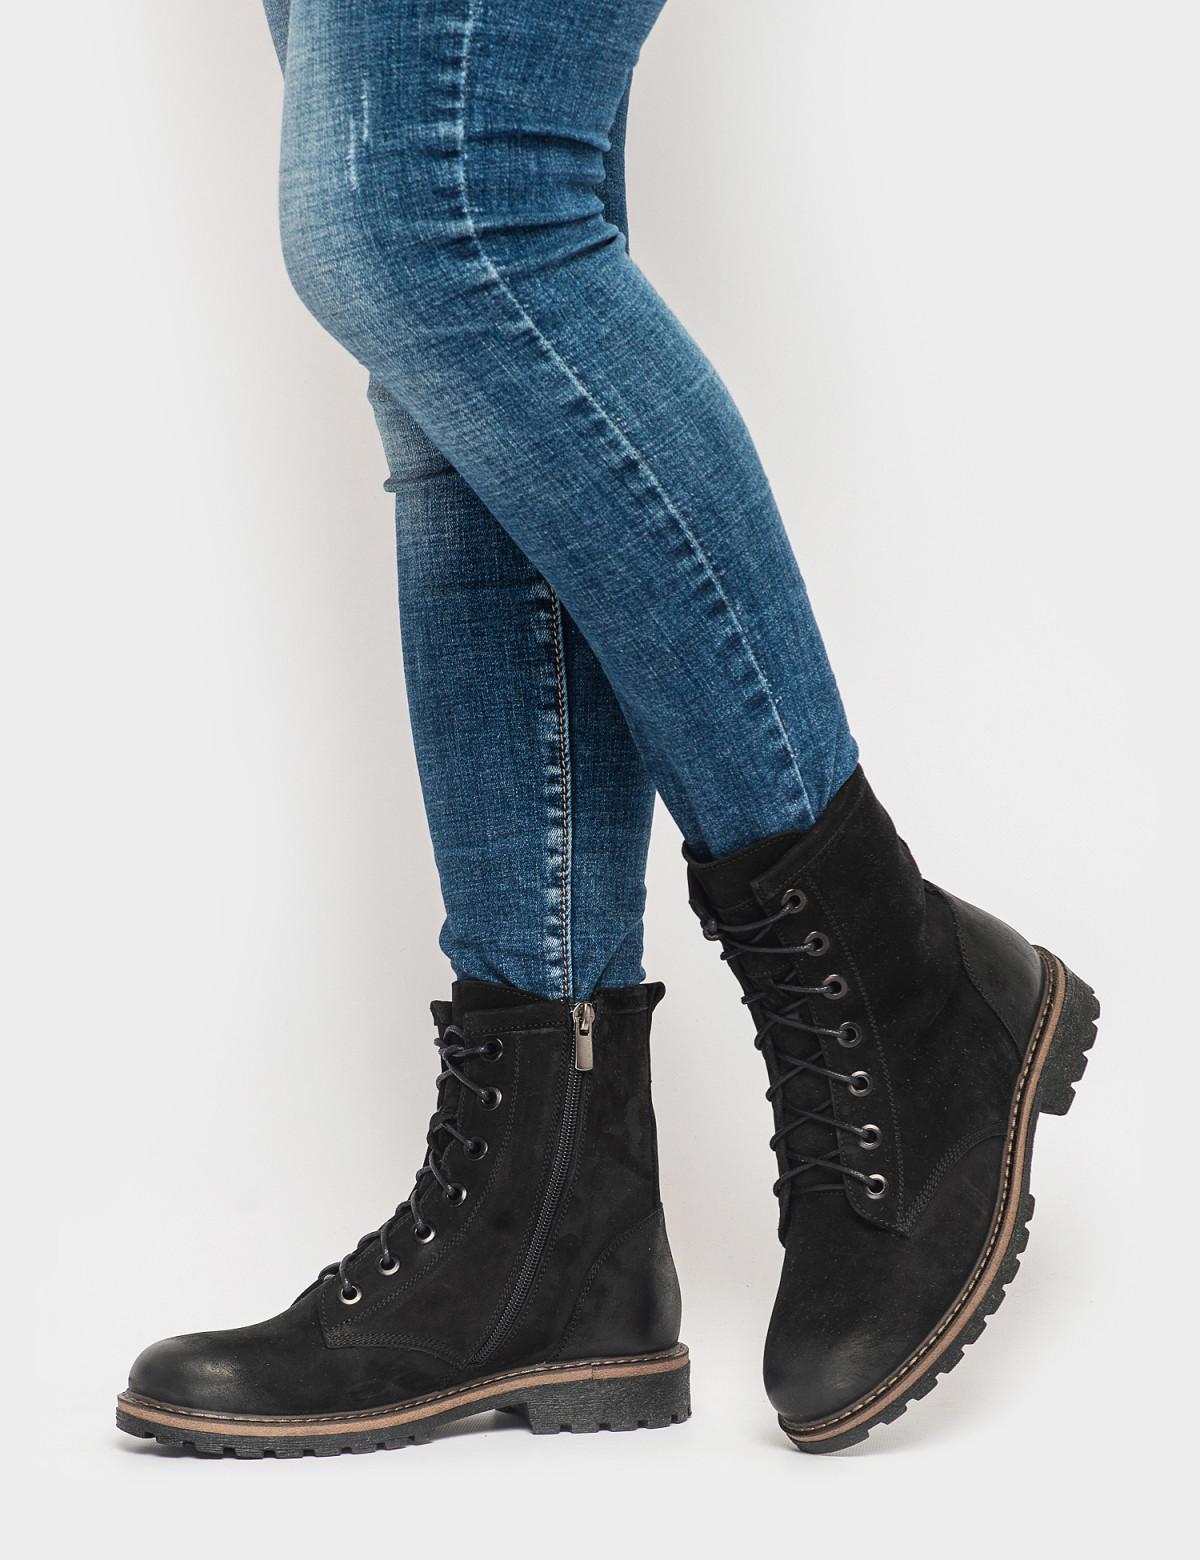 Ботинки черные. Натуральный нубук. Байка4